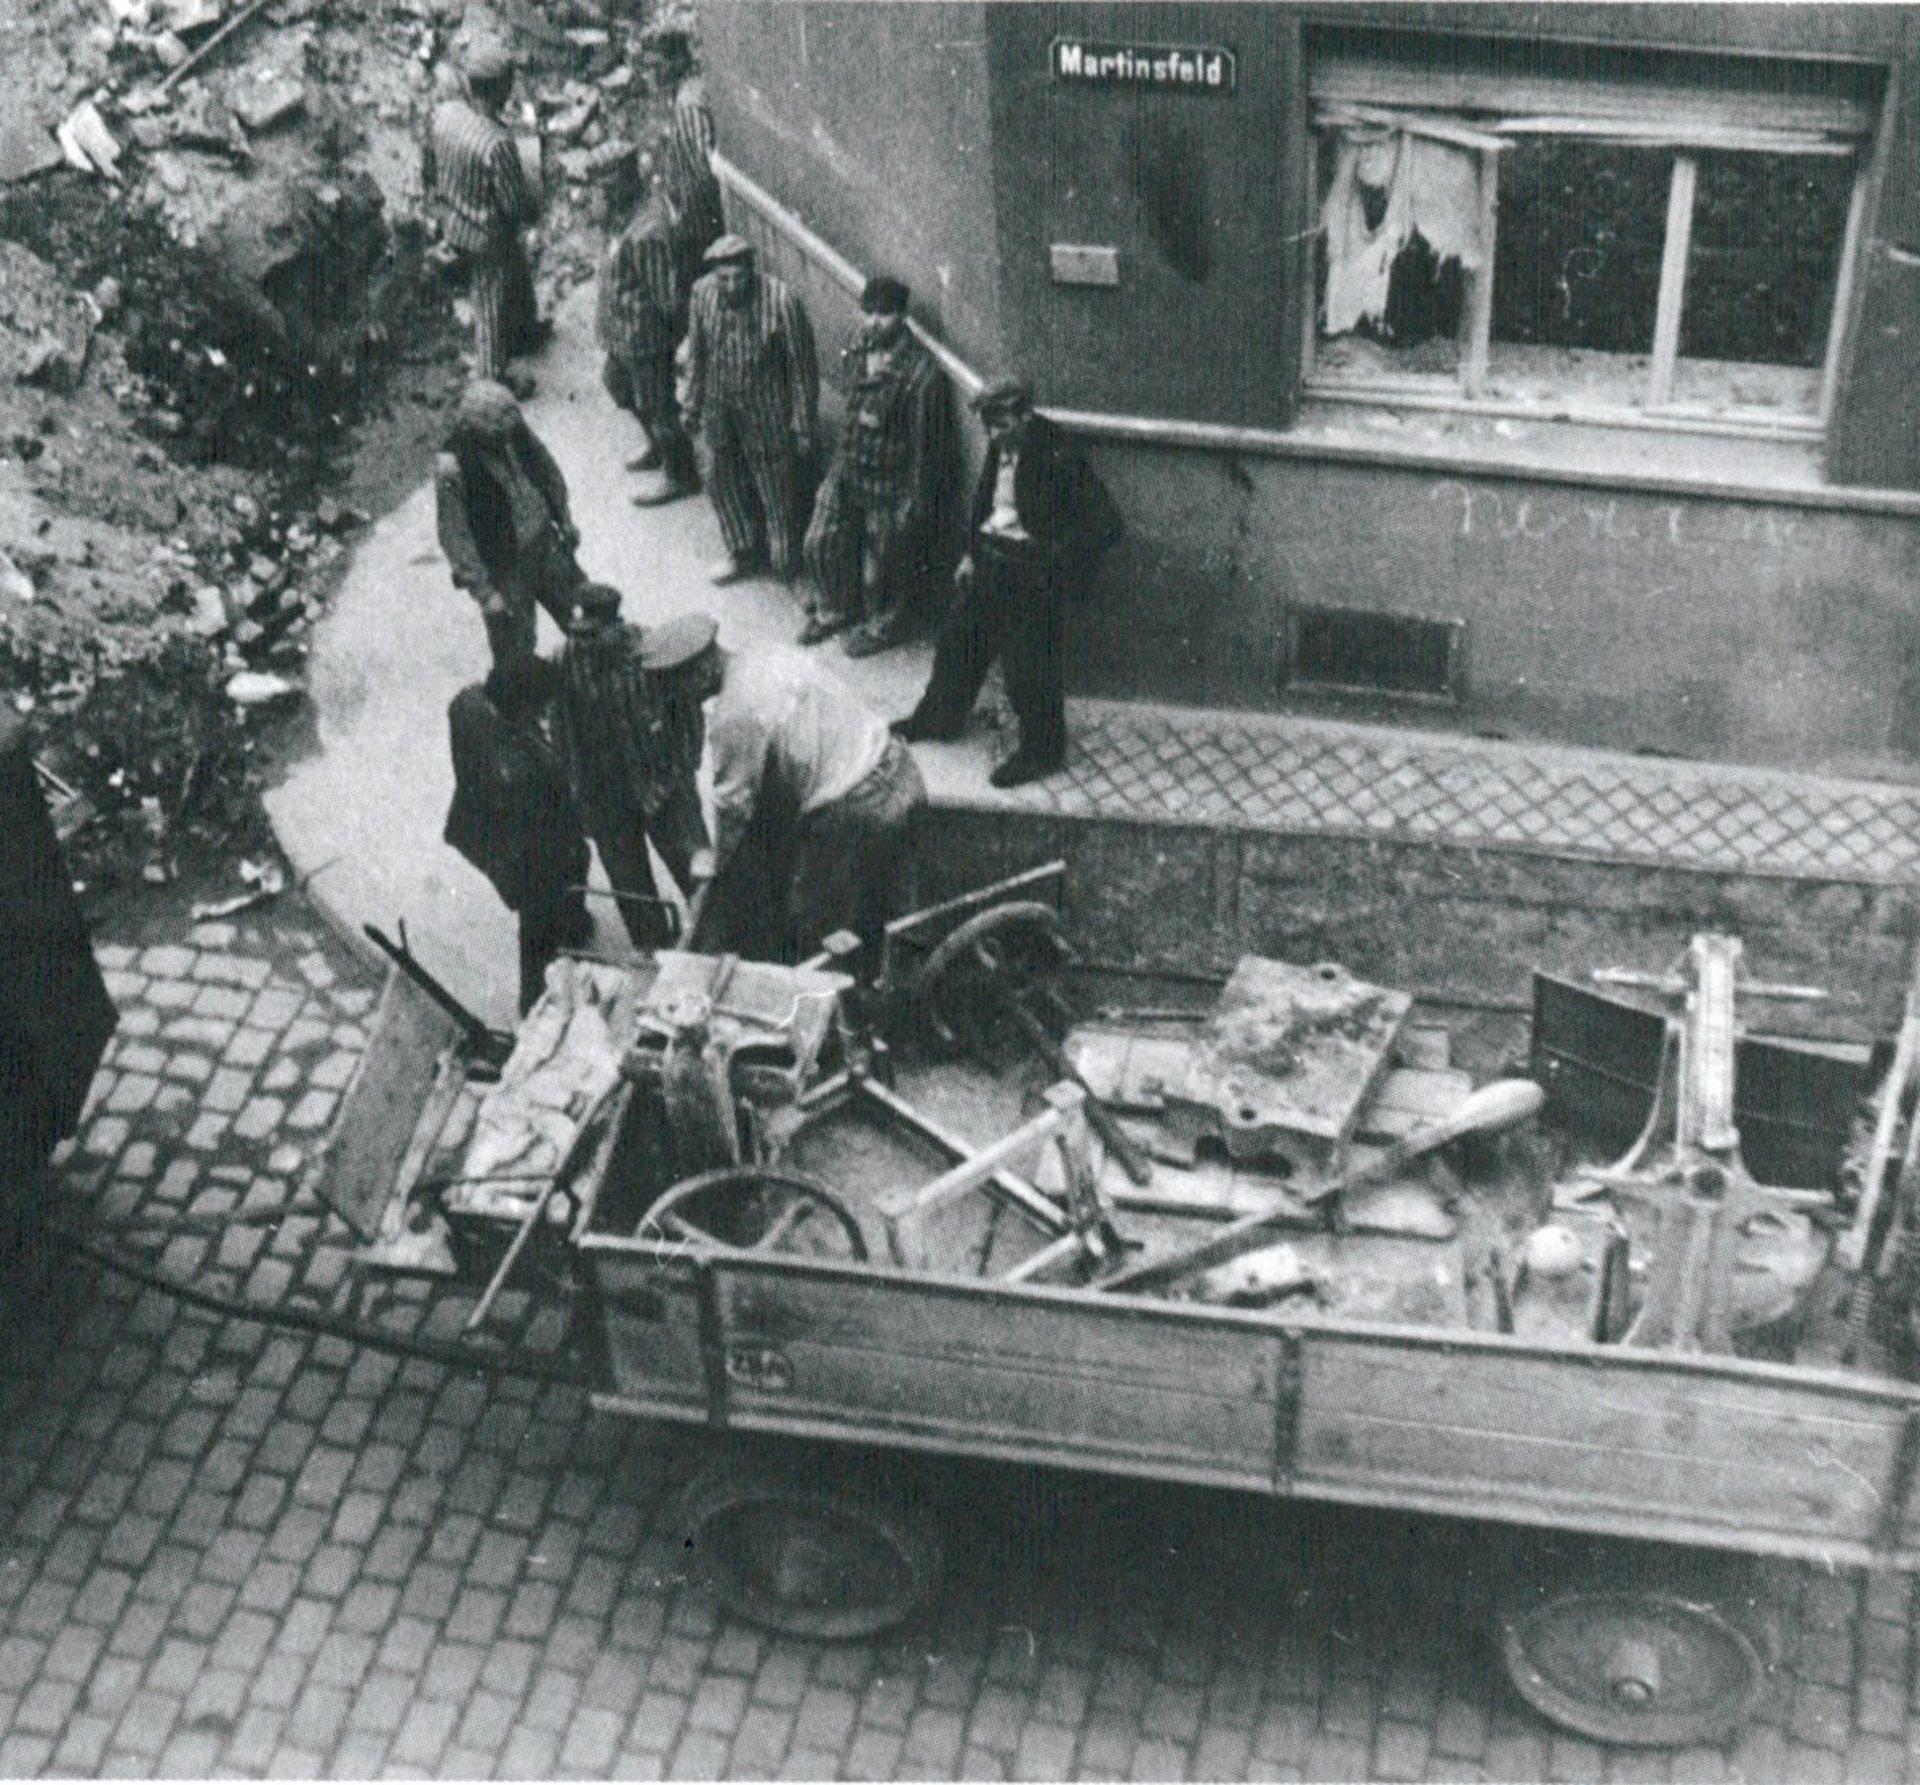 Fotografía clandestina tomada por un civil alemán desde la ventana de su cocina de Colonia, octubre de 1943. Los prisioneros estaban destinados a limpiar las zonas dañadas por las bombas.